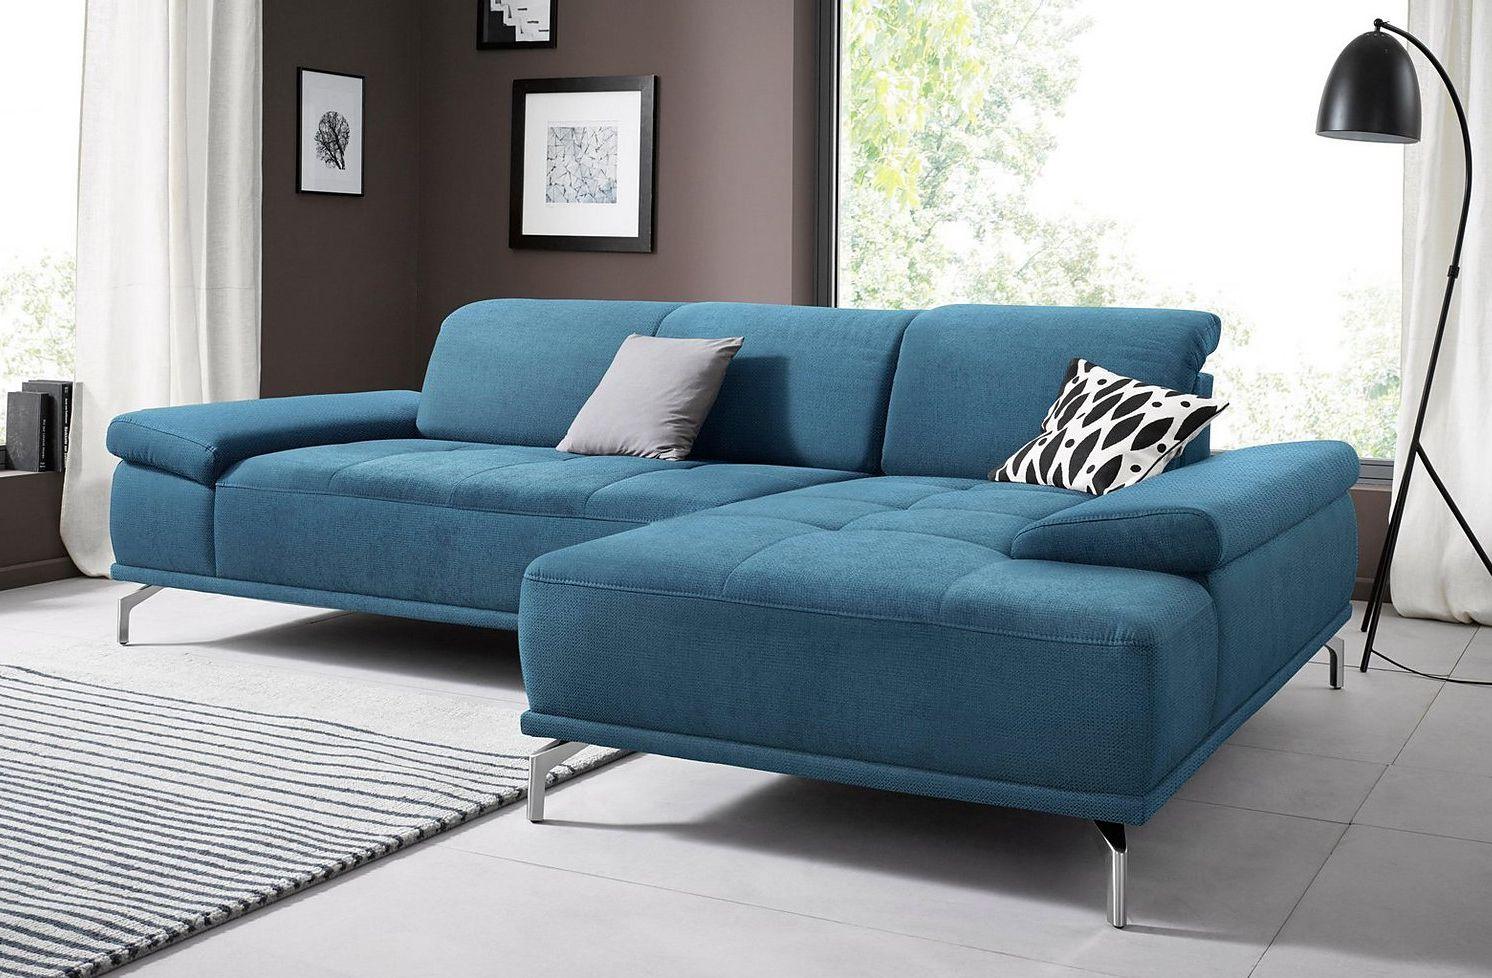 Places of Style Ecksofa Caluna mit Sitztiefen und